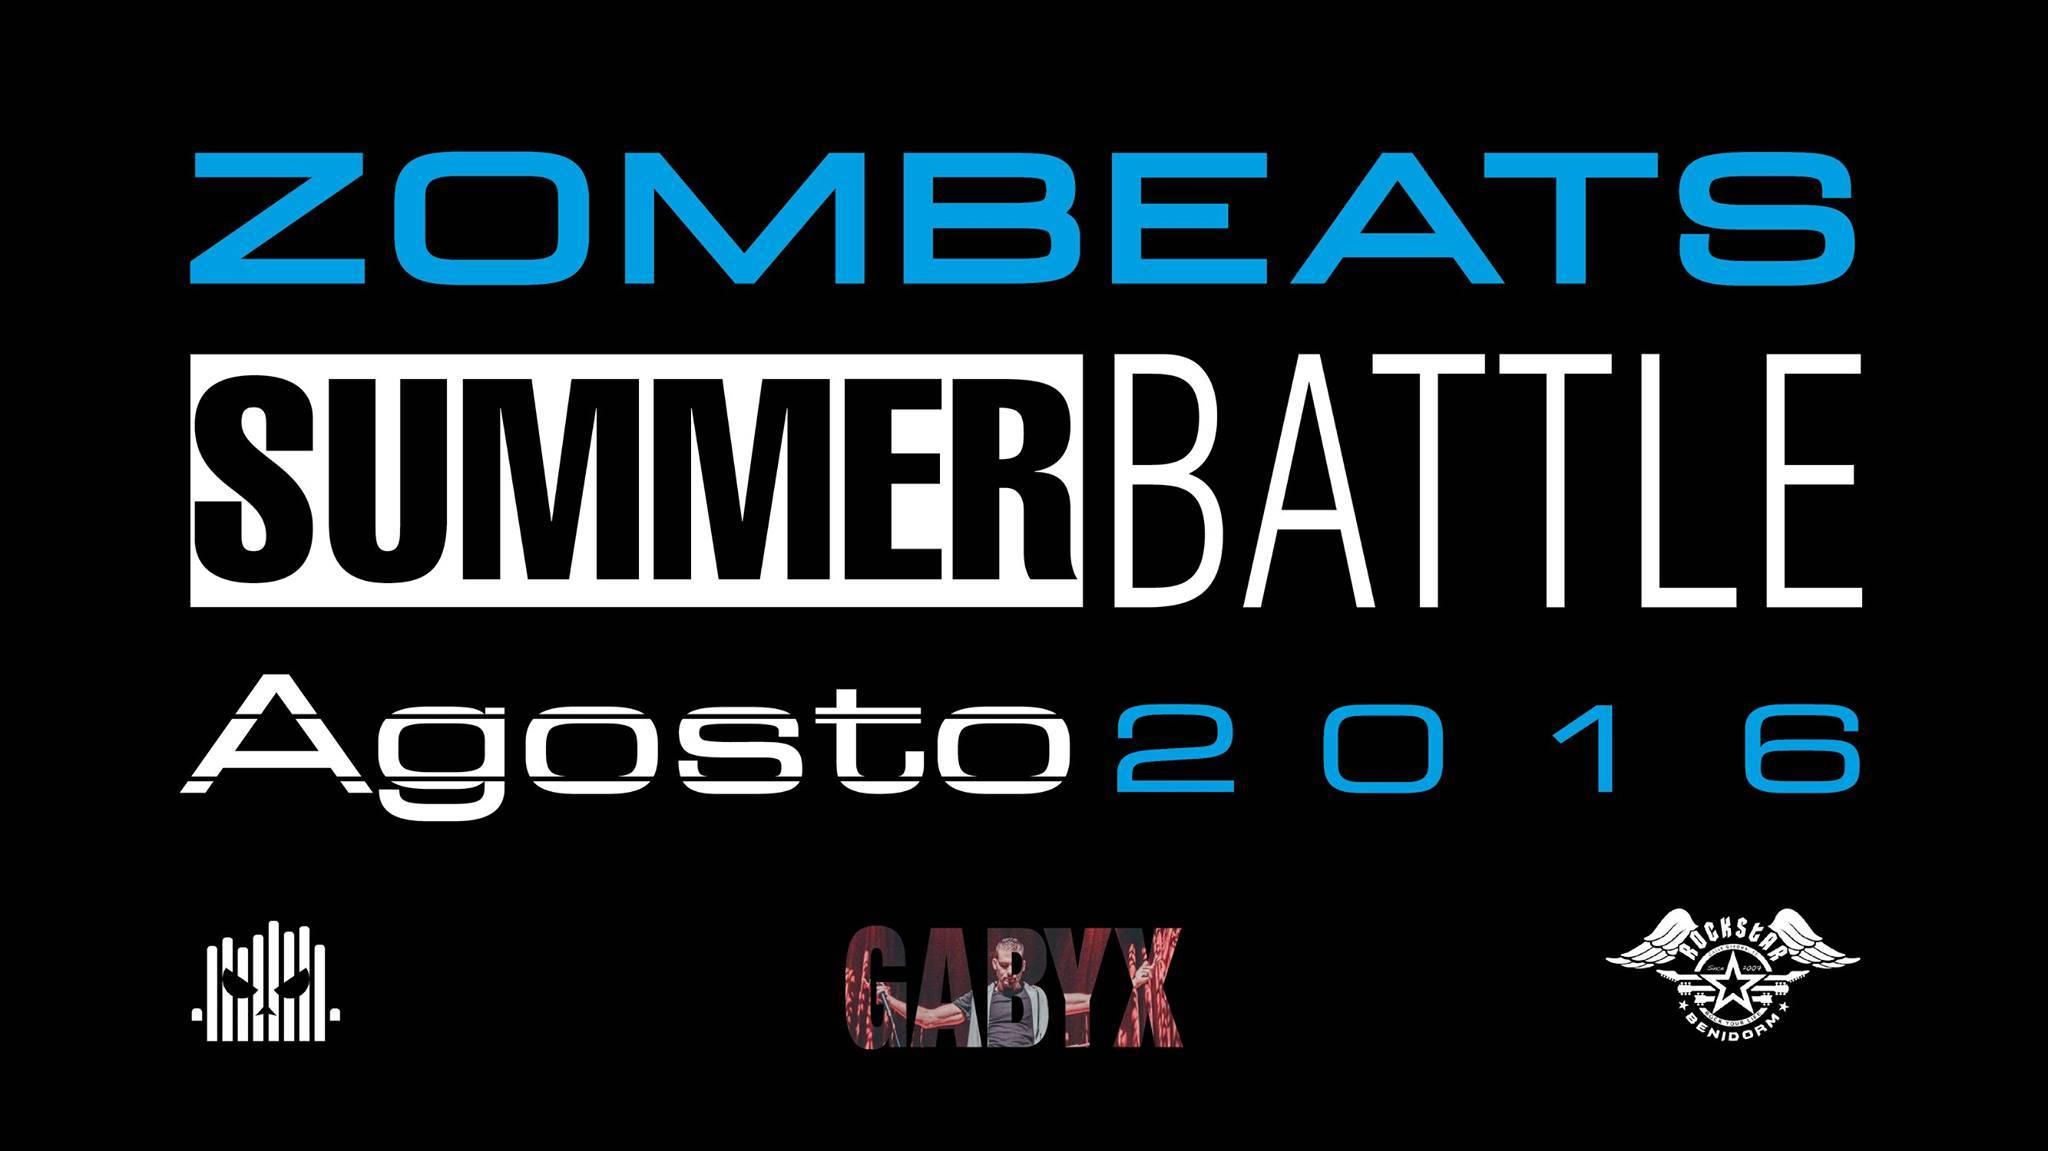 Zombeats Summer Battle 2016